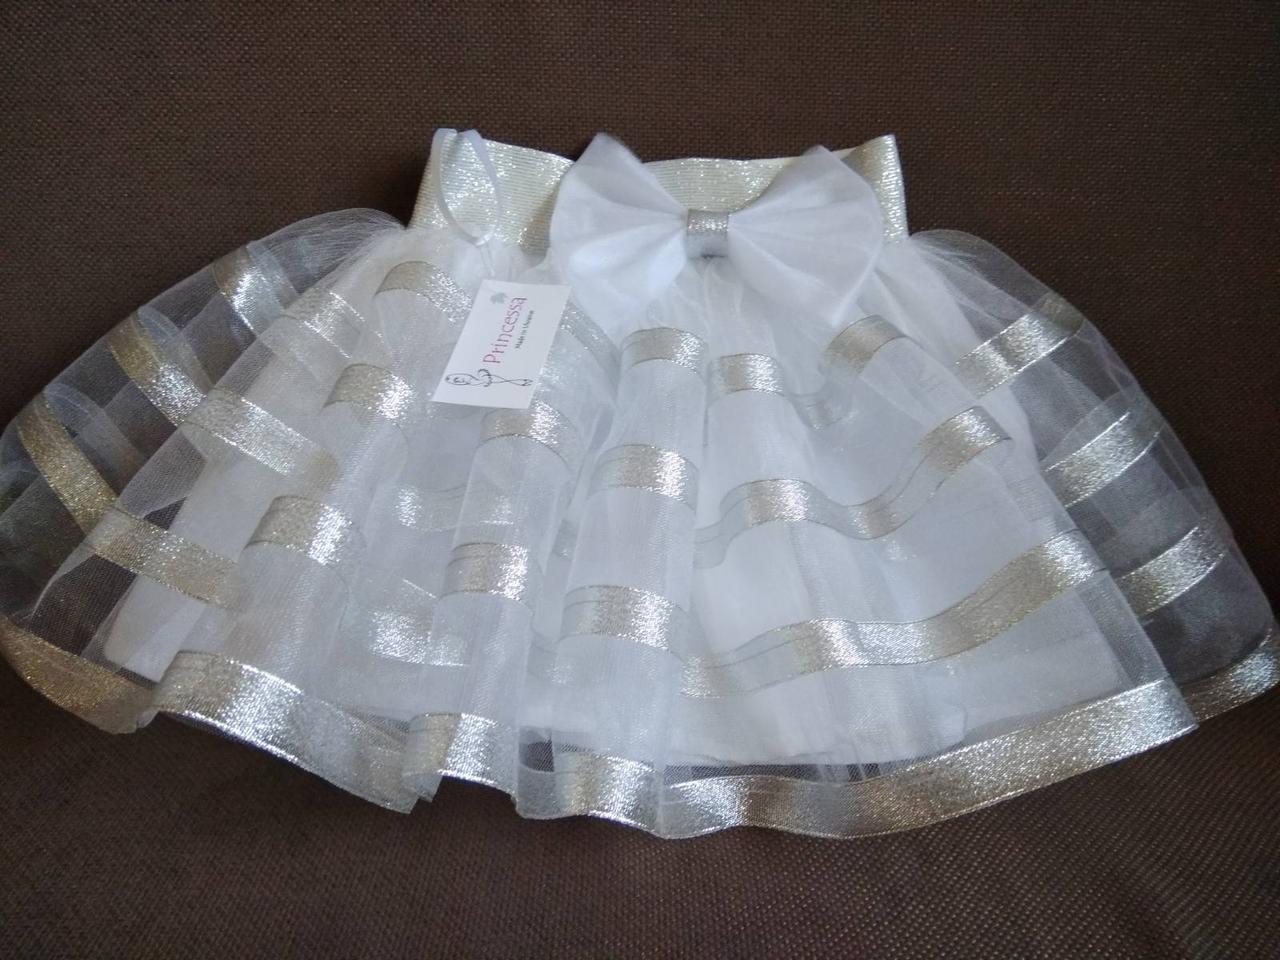 Праздничная белая юбка детская с серебристыми лентами и резинкой.